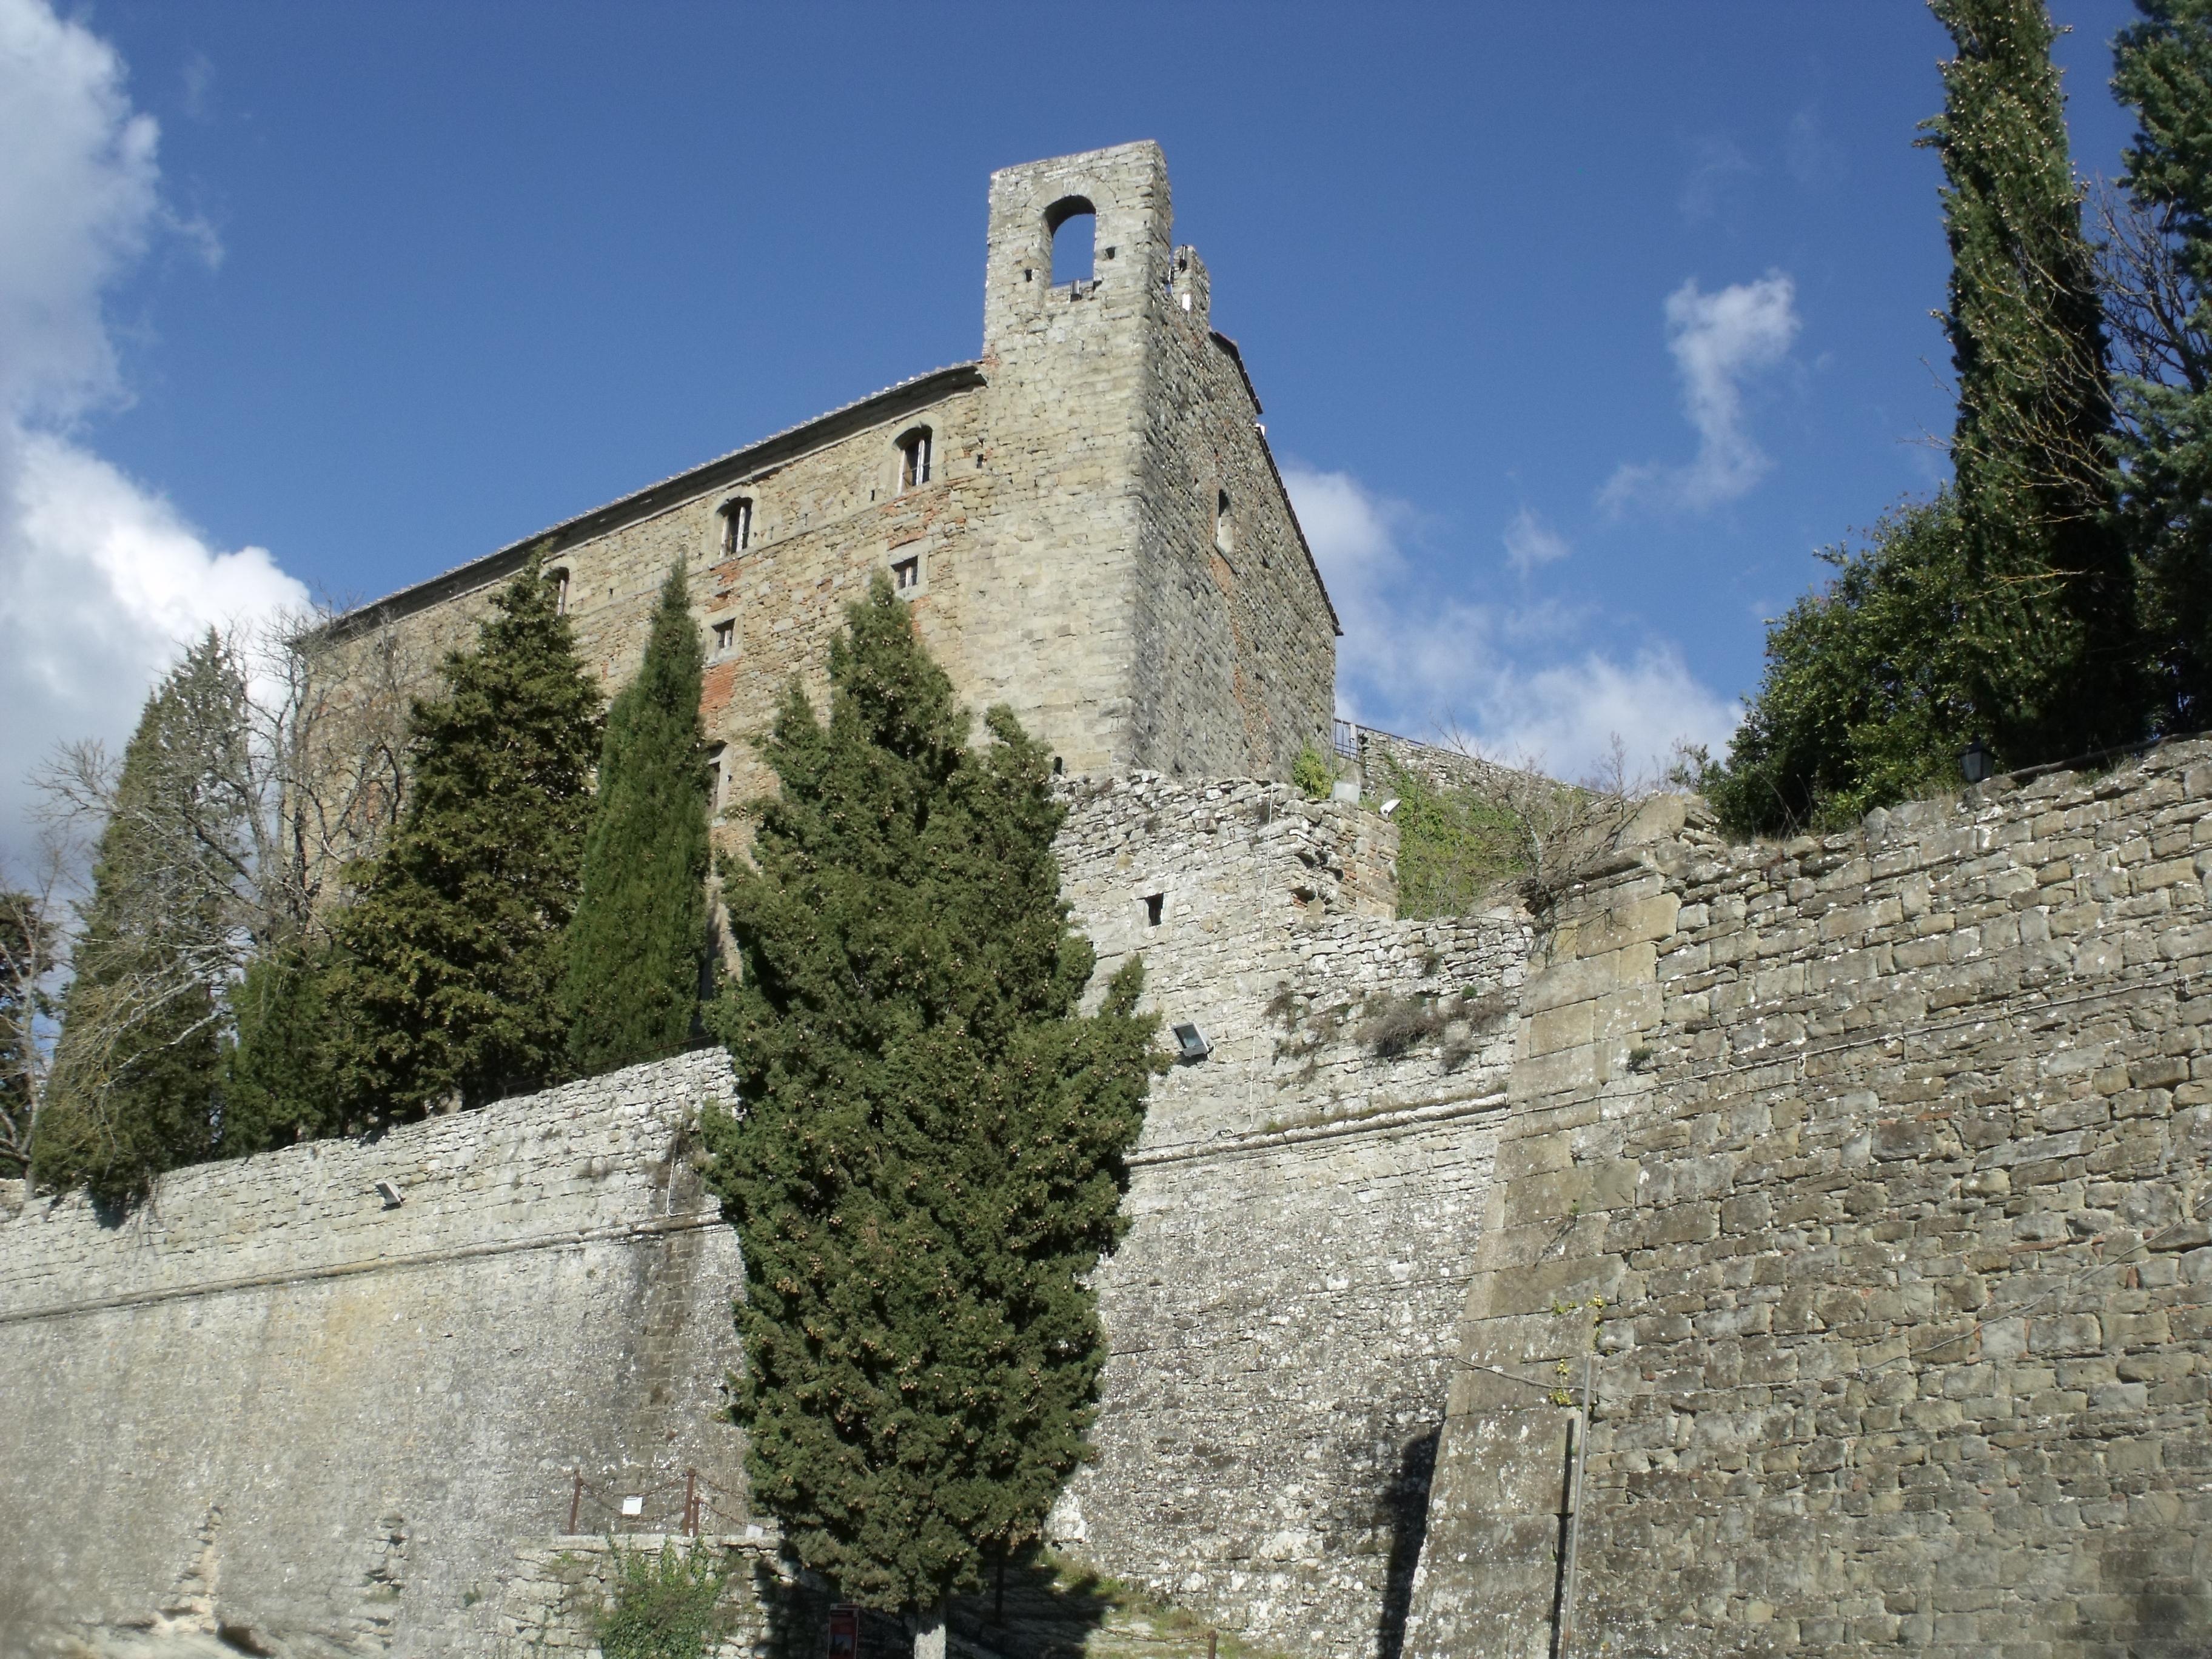 Cortona, lavori sulla Fortezza grazie al bando regionale 'Città Murate'